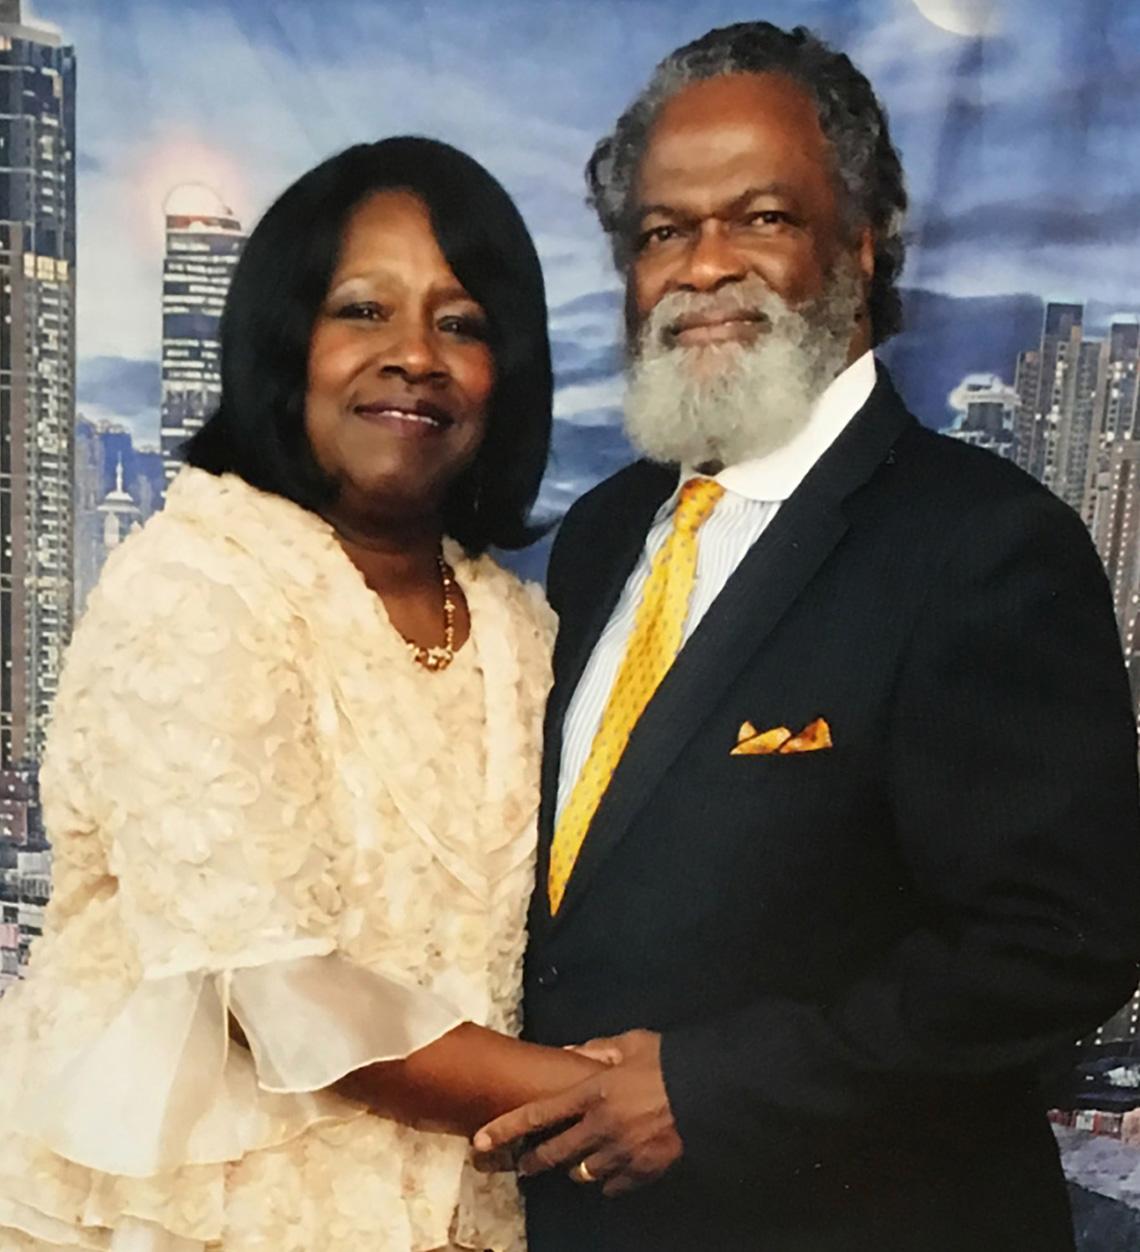 Thomas Bowman, Sr.. with spouse